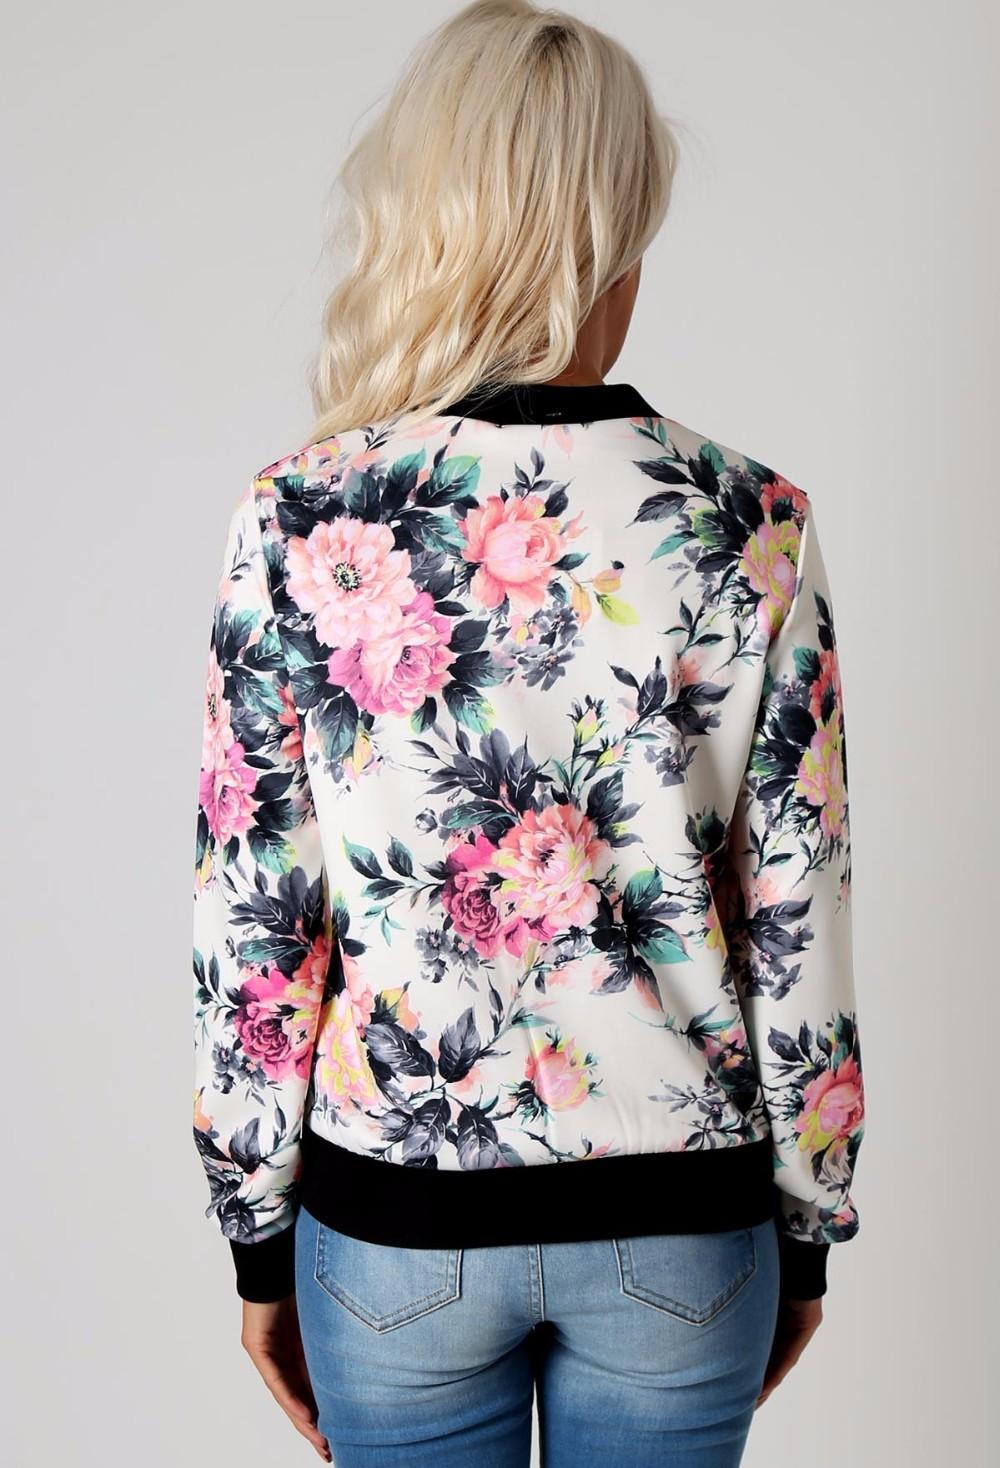 Kwiat Drukuj Kobiety Podstawowe Płaszcze Długim Rękawem Zipper Bomber Jacket Casual Kurtka Płaszcz Jesień Zima Streetwear sukajan 10